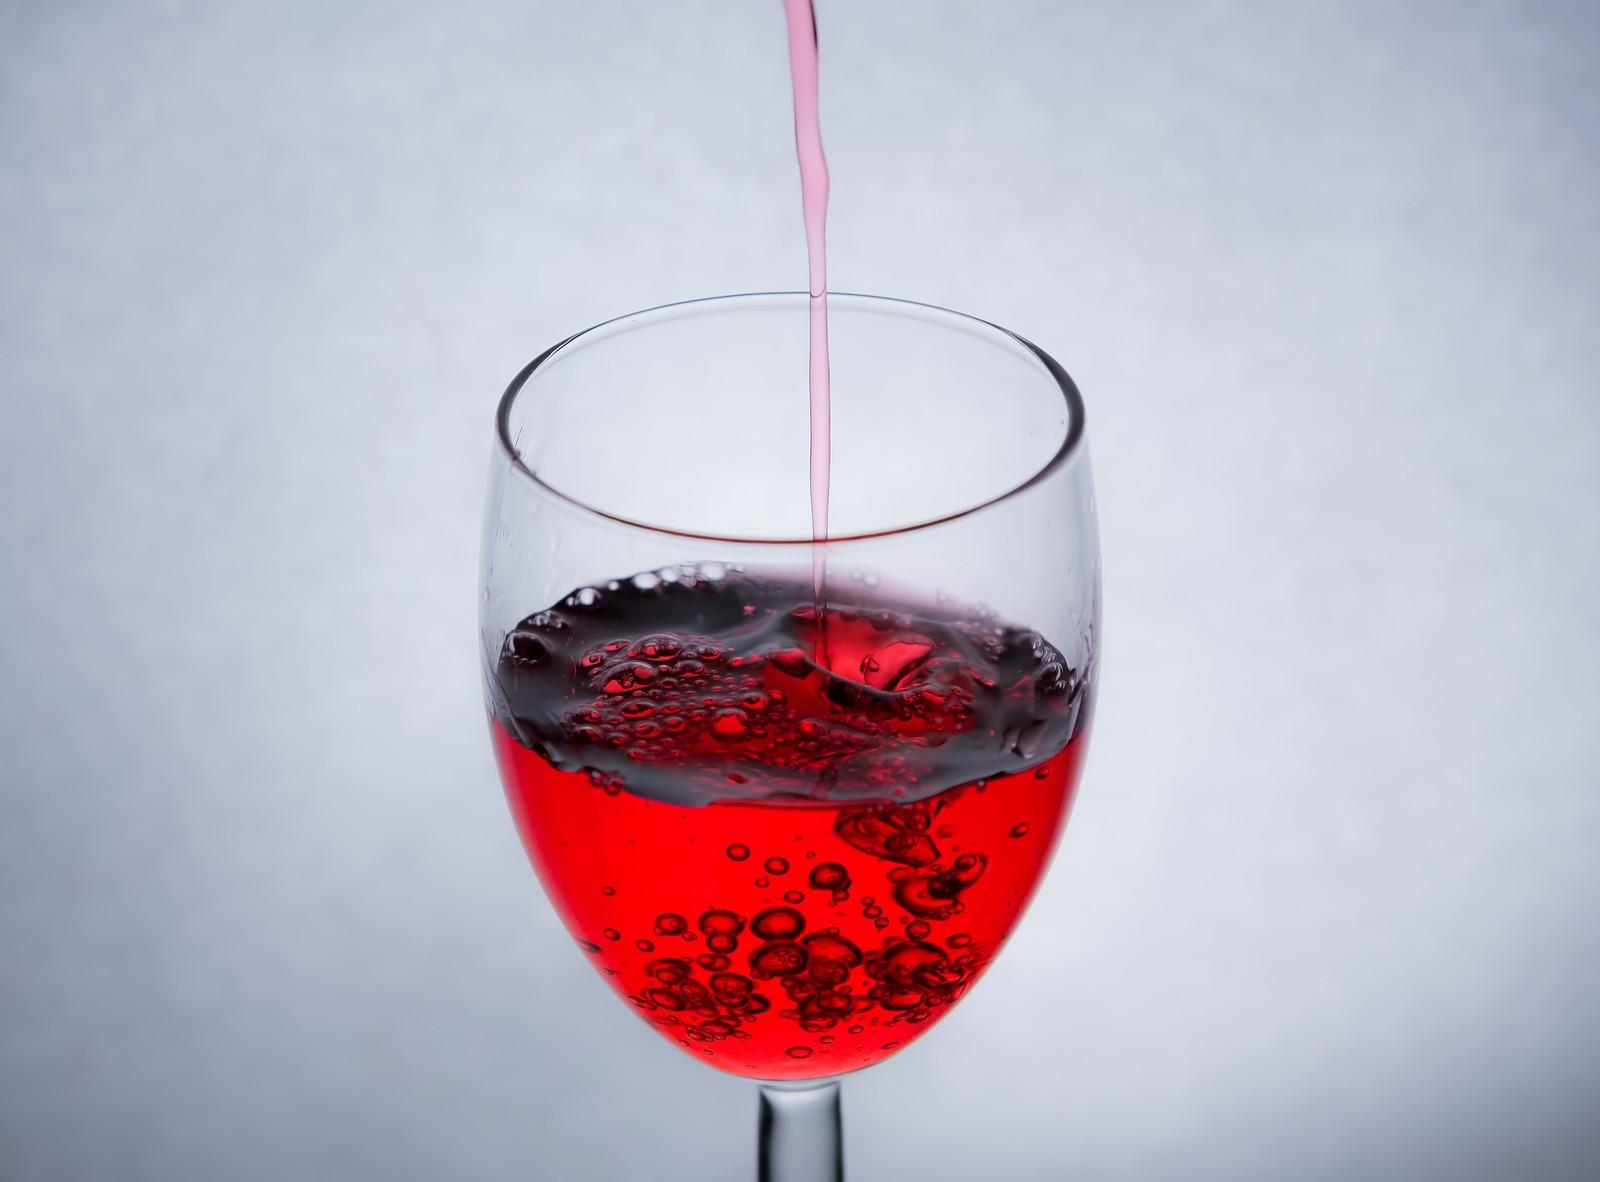 血液クレンジング(洗浄)の安全性について!副作用や死亡(事故)リスクは大丈夫?